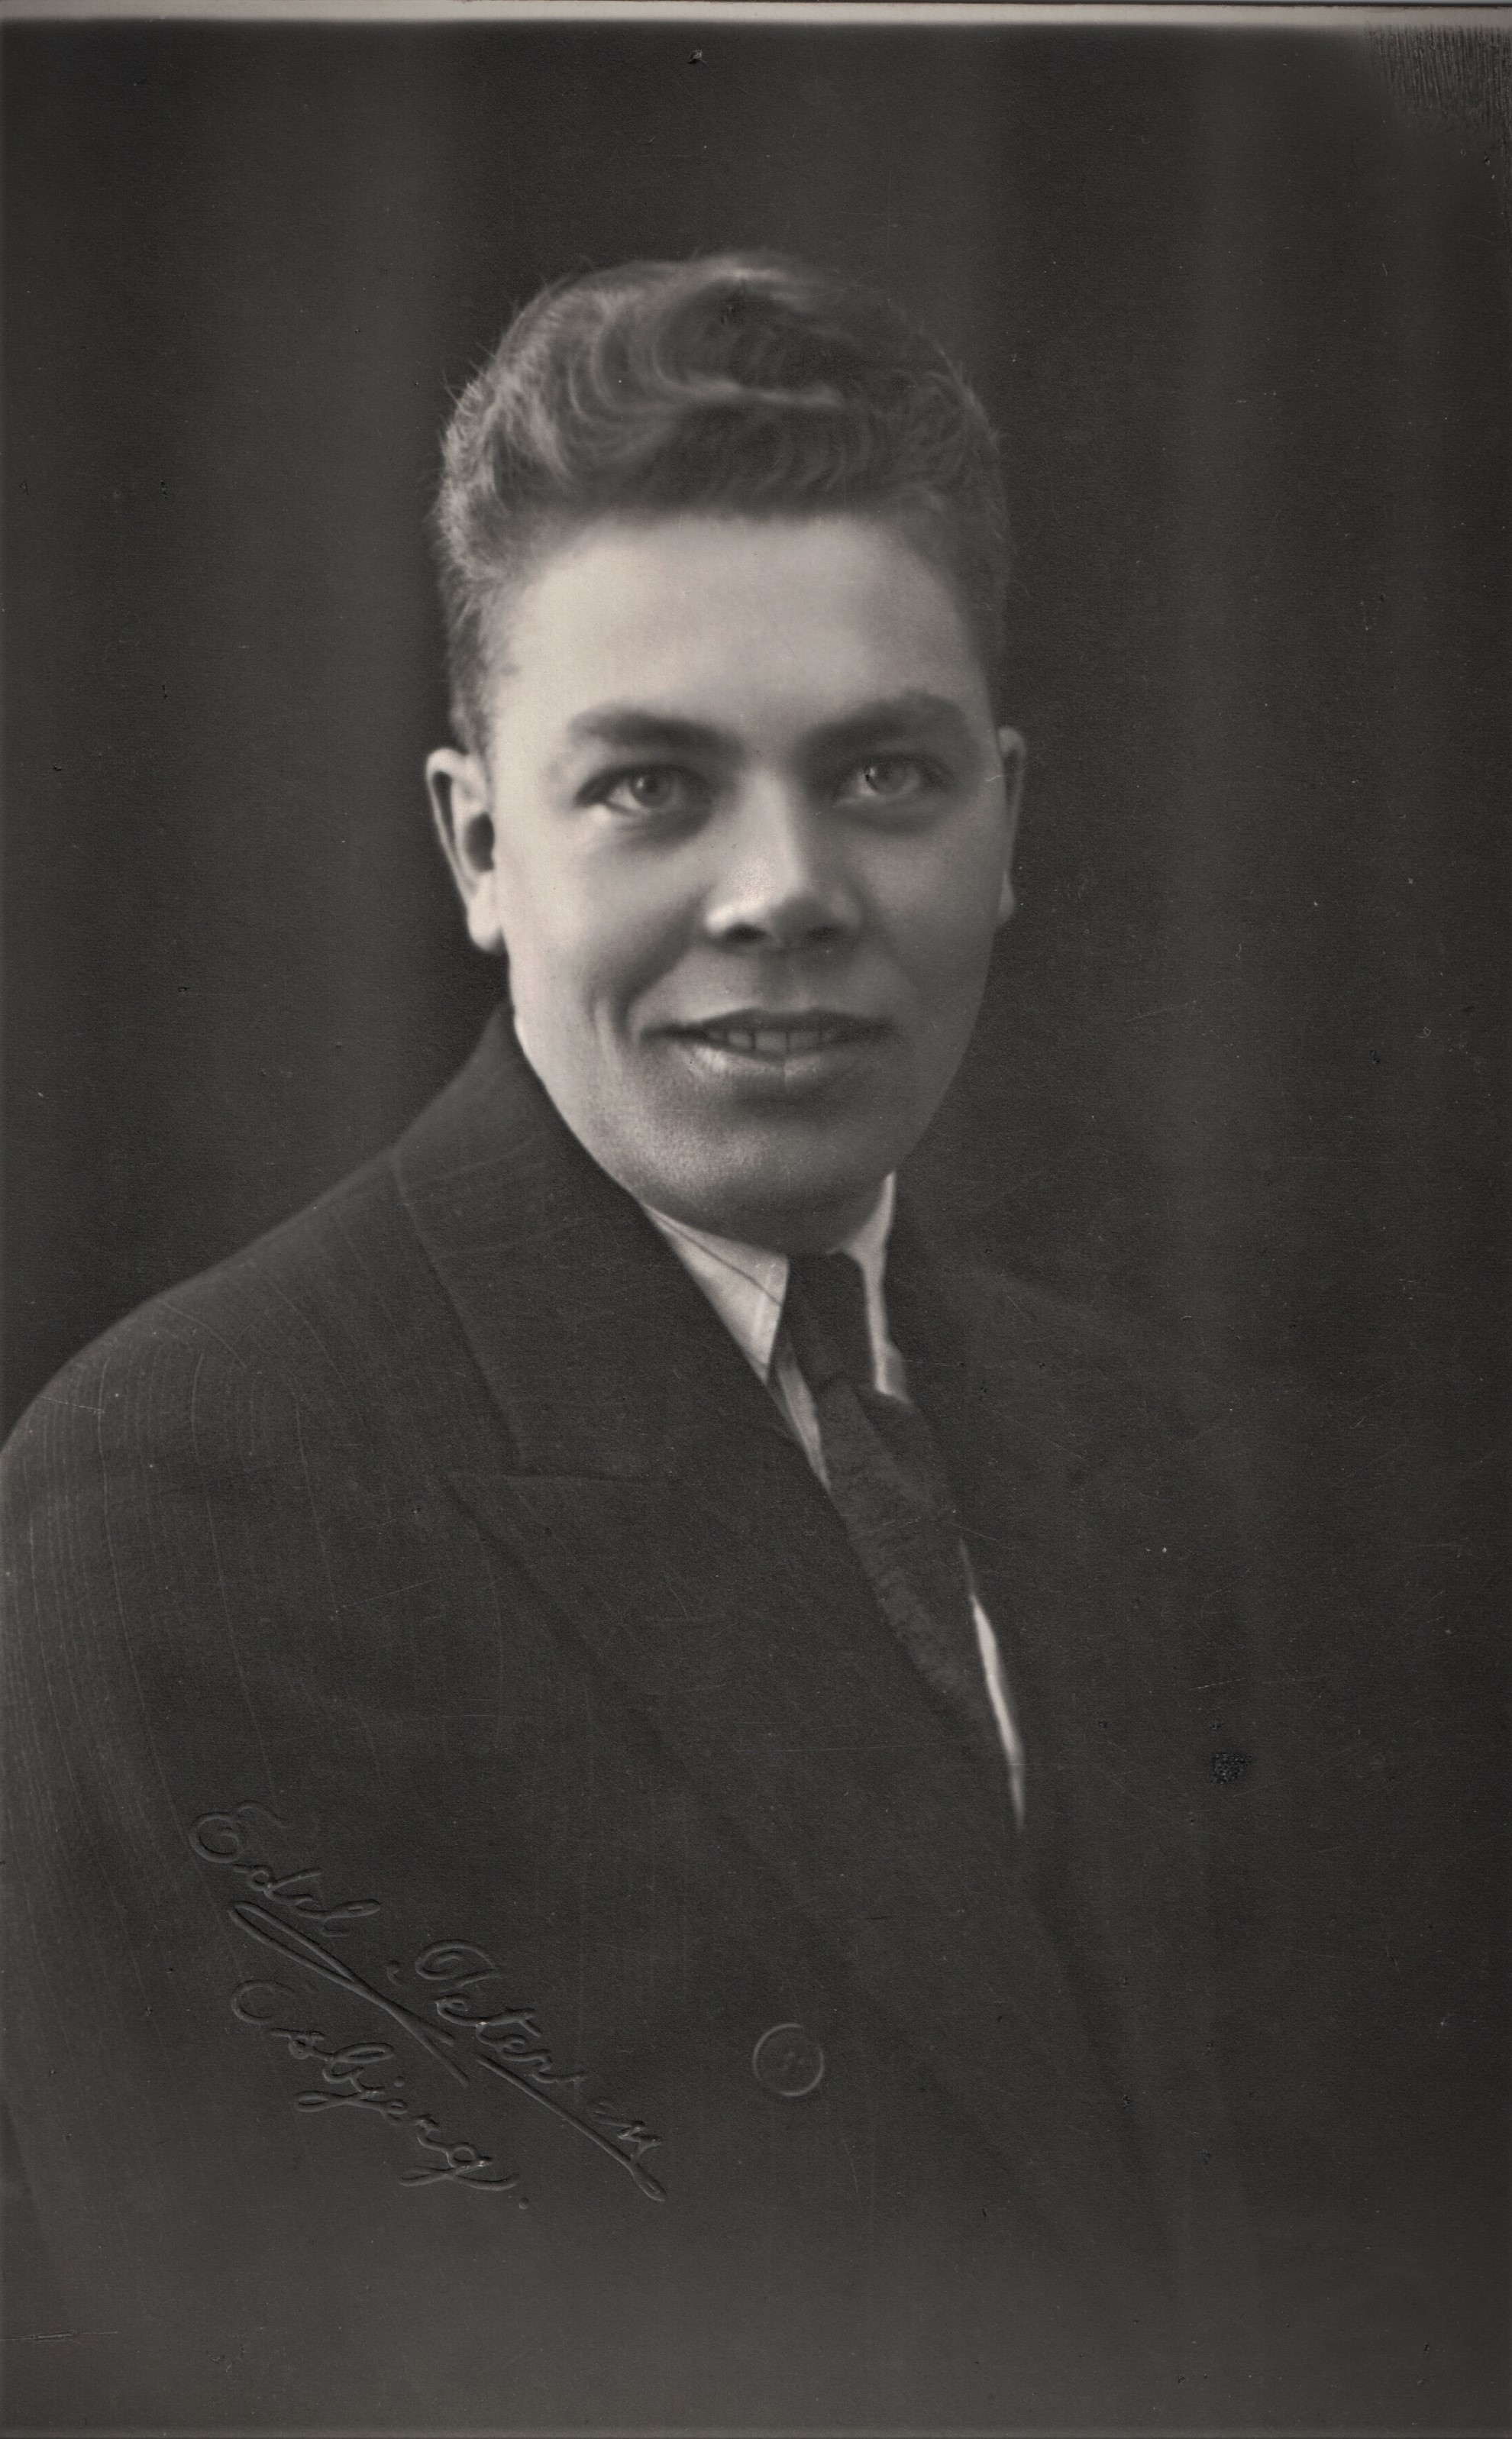 Burr, Gerald Dean